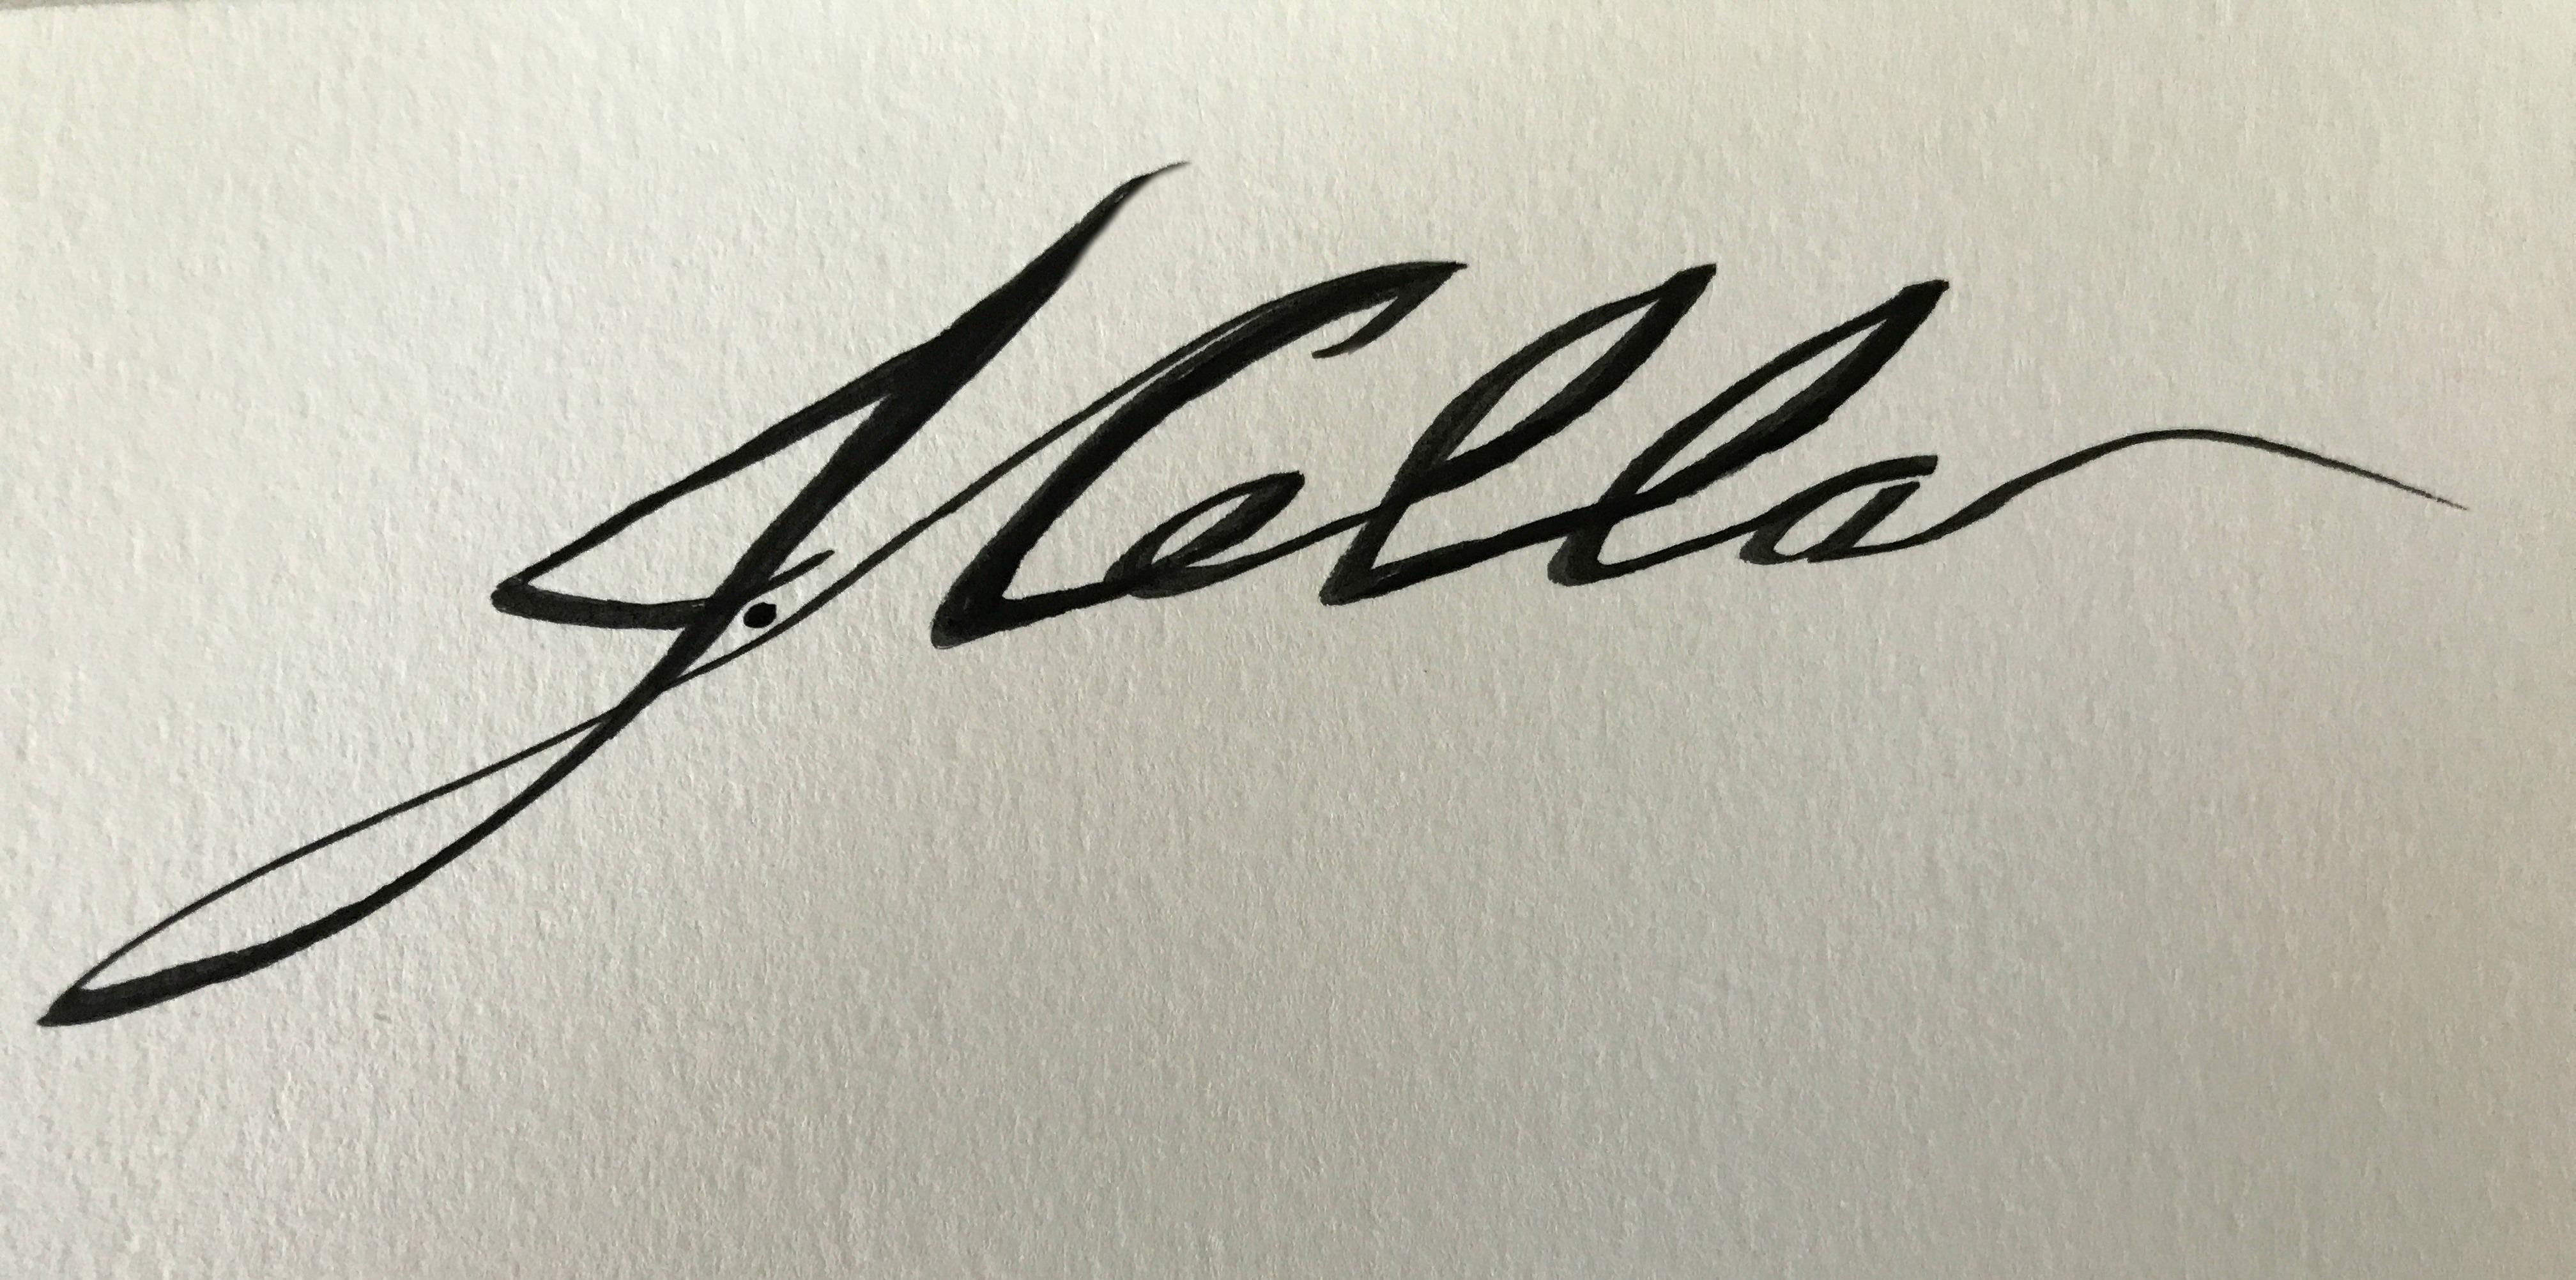 Joann Cella's Signature